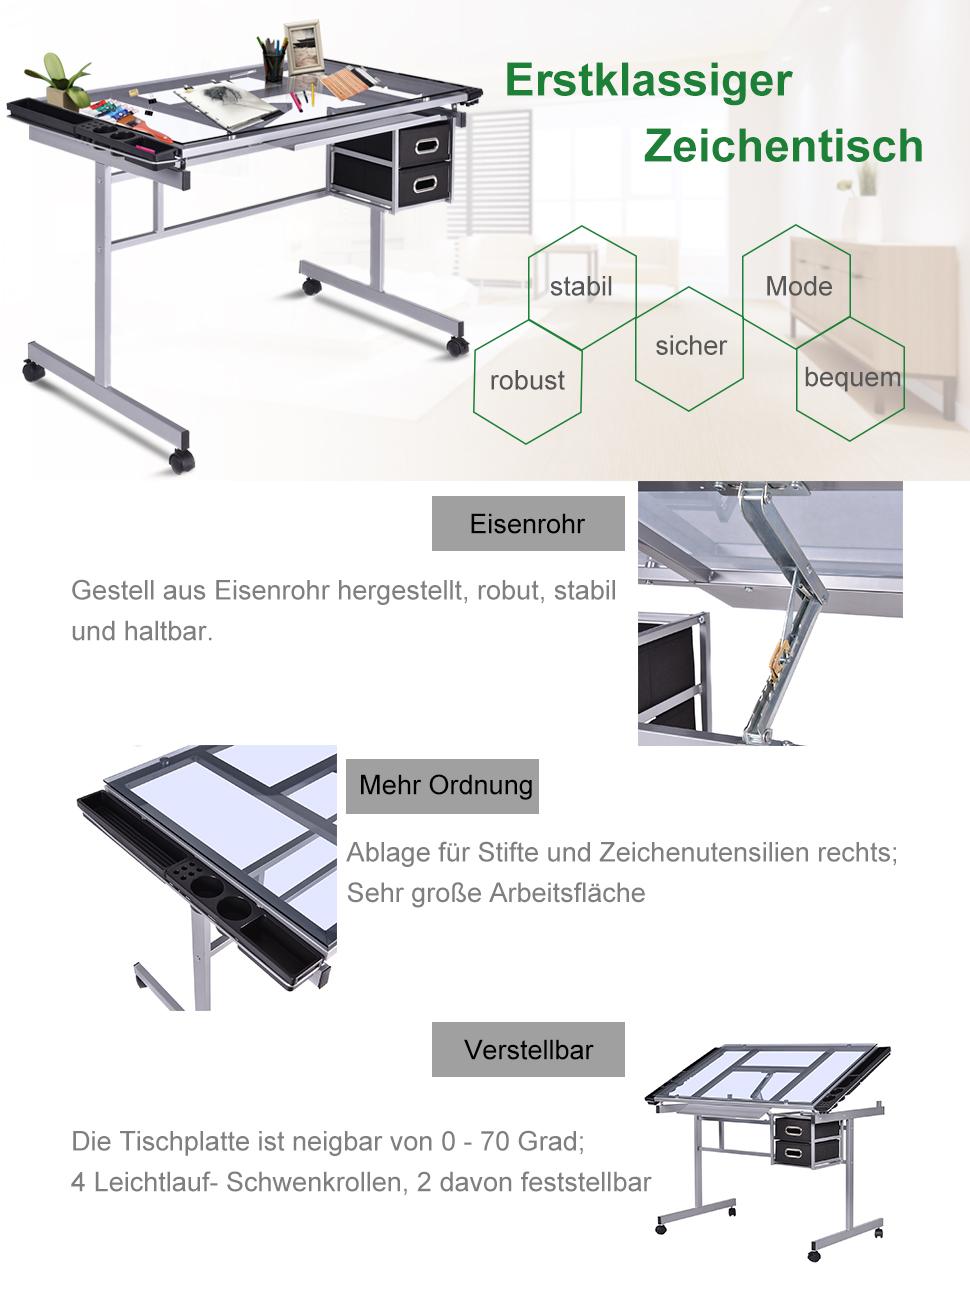 COSTWAY Zeichentisch Schreibtisch Architektentisch